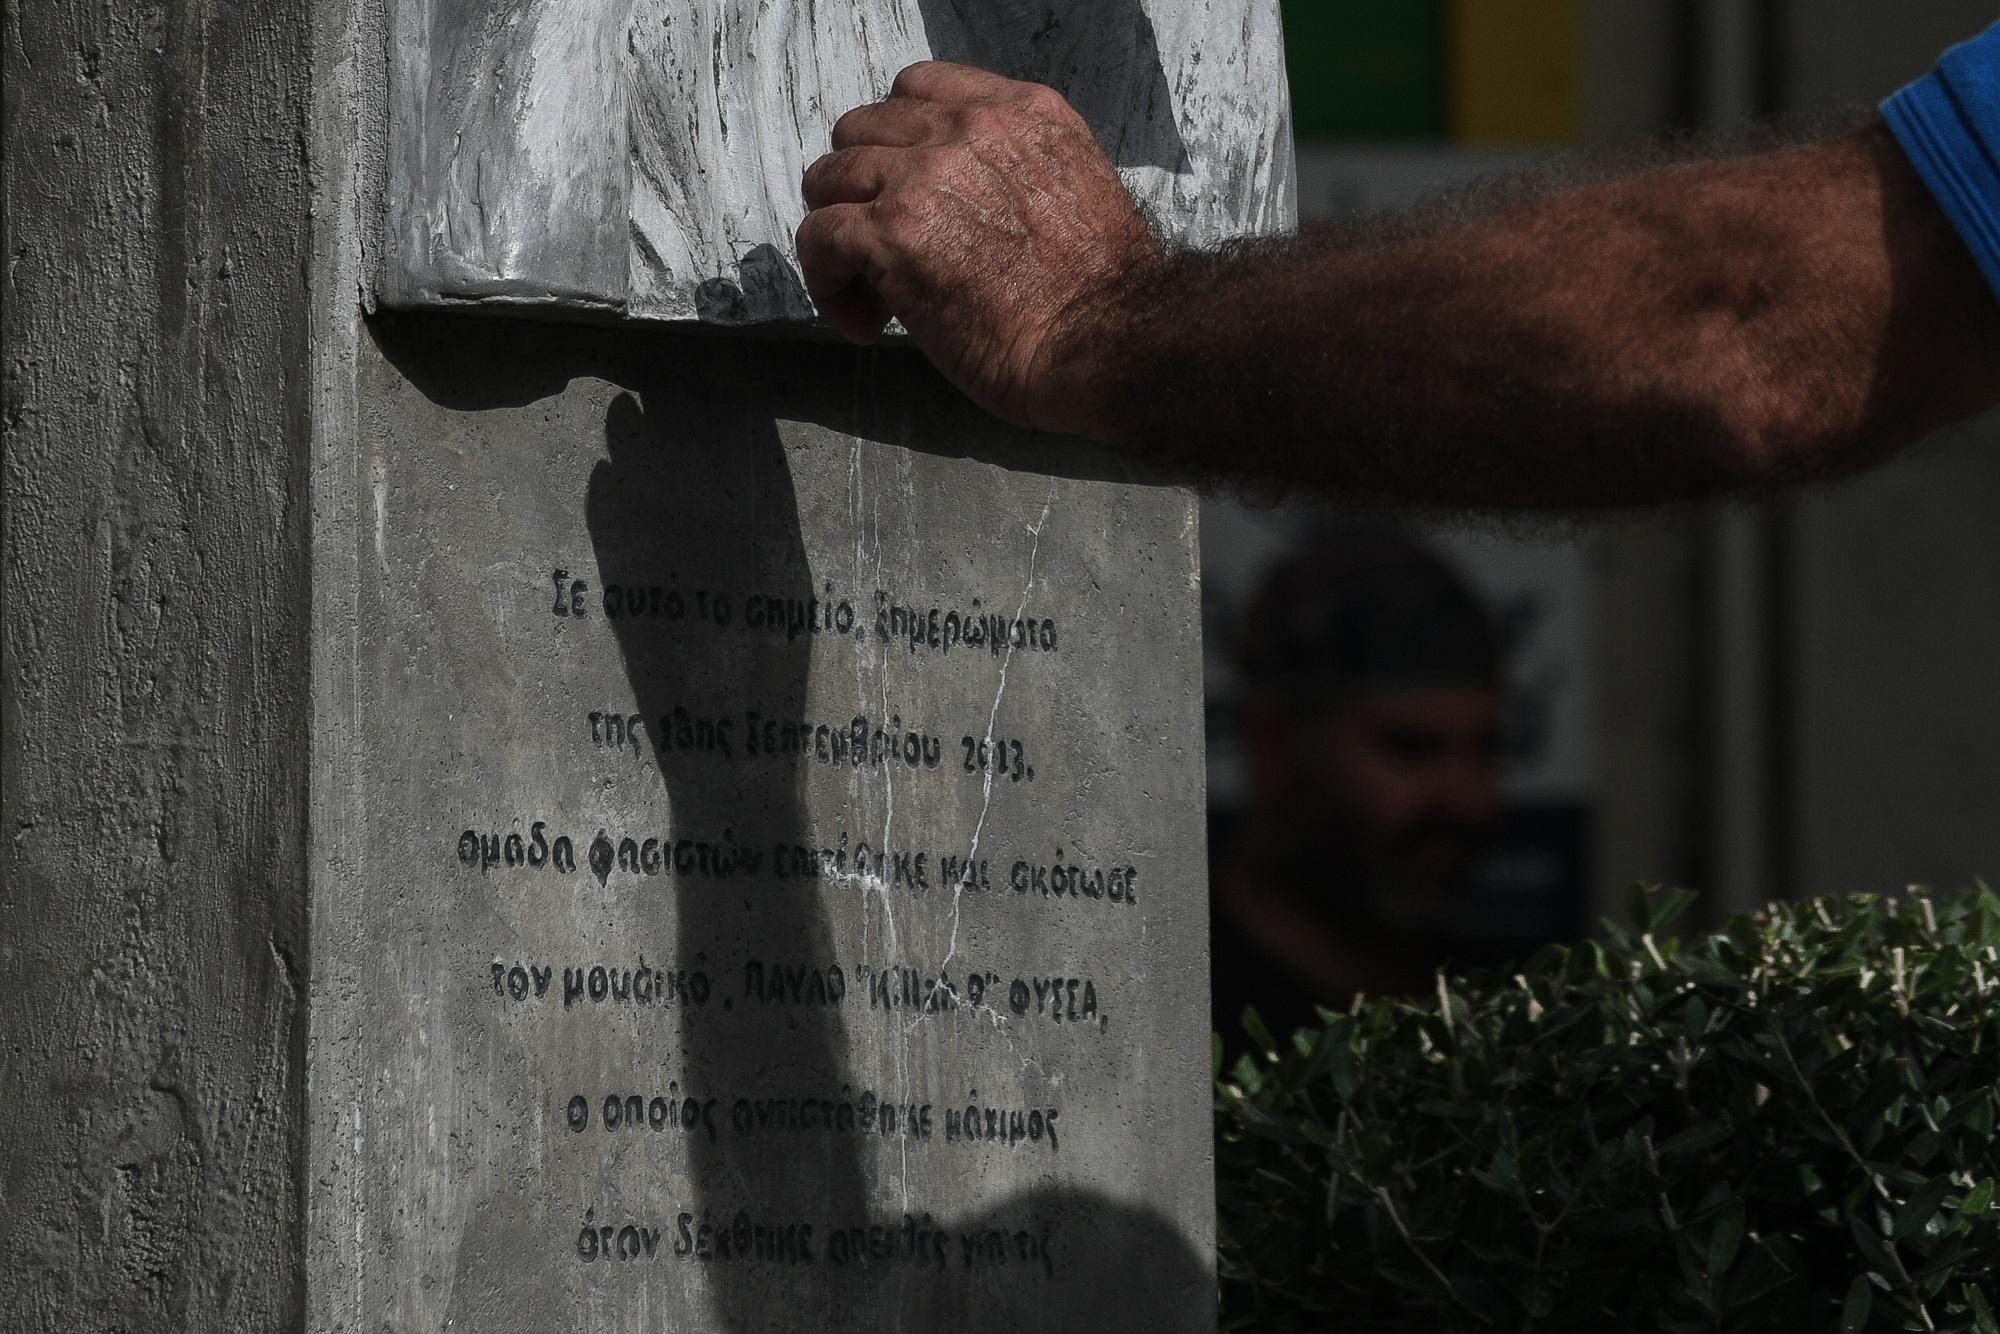 Π. Φύσσας: Οκτώ χρόνια από την δολοφονία – Πρώτη επέτειος από την καταδίκη (video)